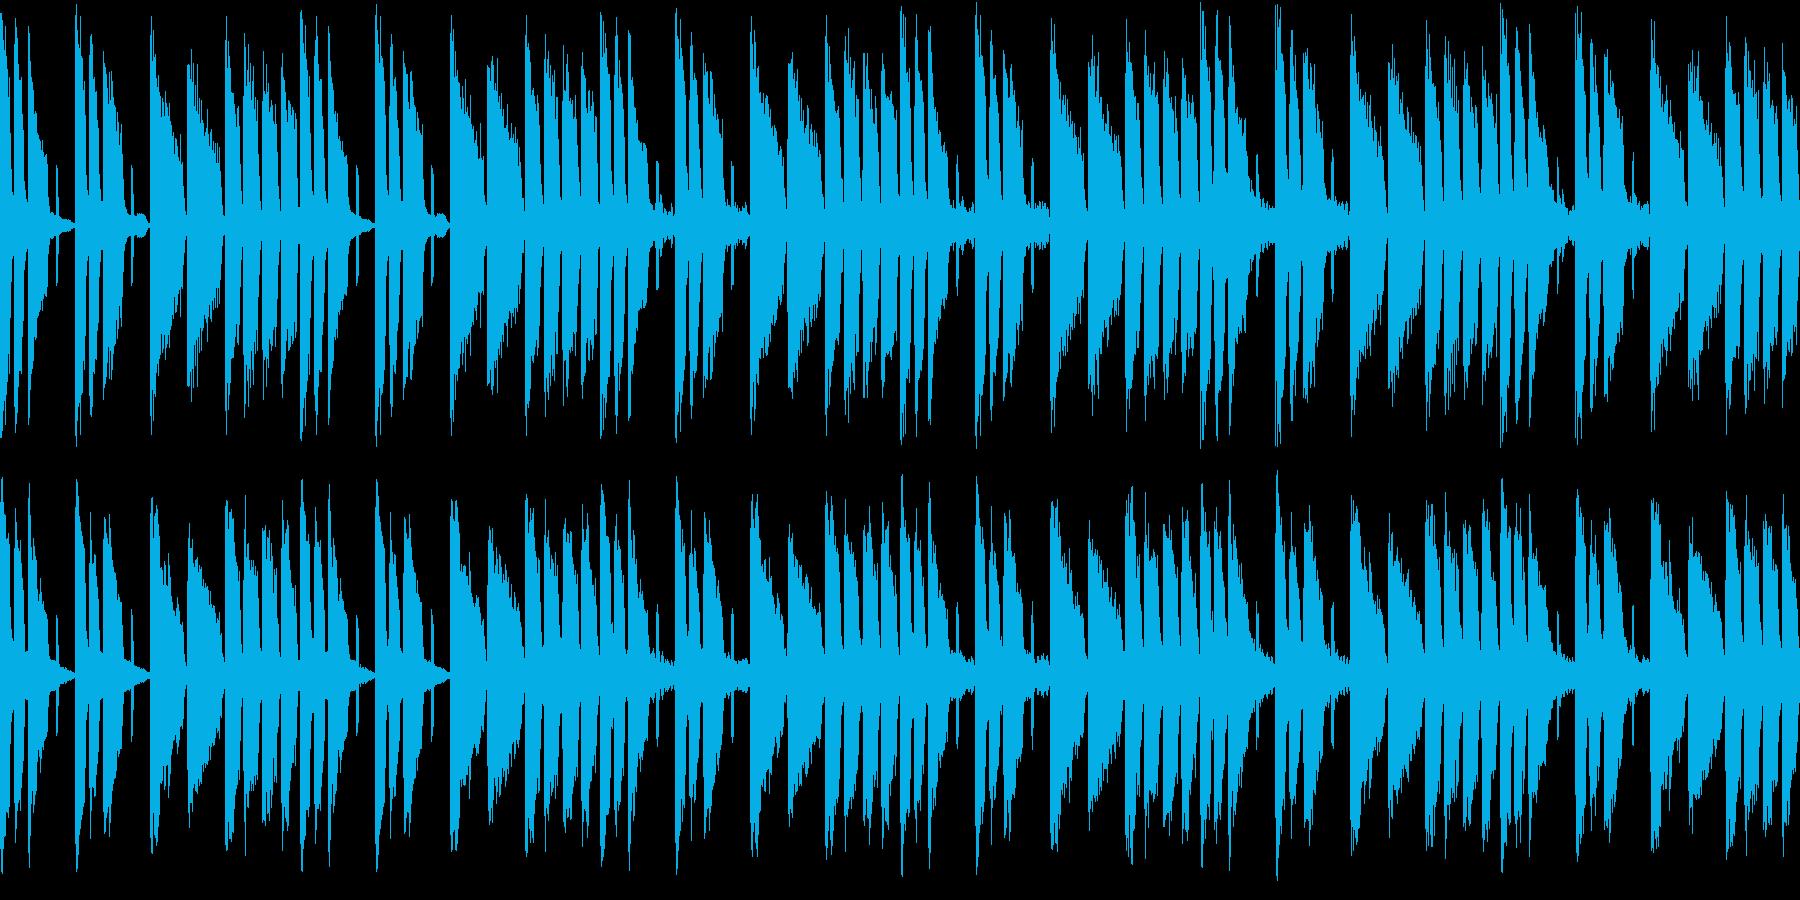 勇気をだして挑戦するな曲(ループ仕様)の再生済みの波形